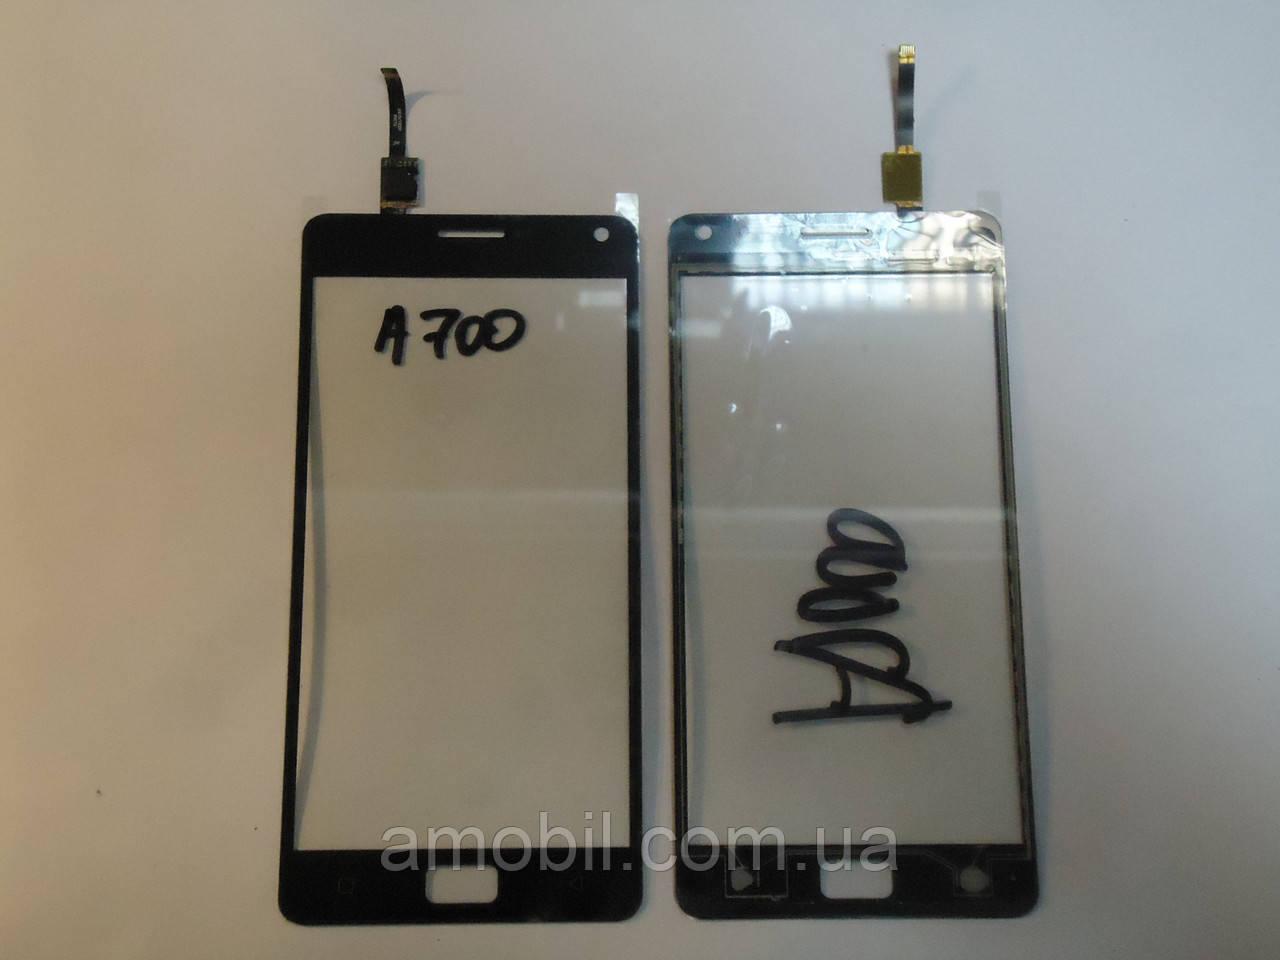 Сенсор Lenovo A700 Black чип Goodix orig